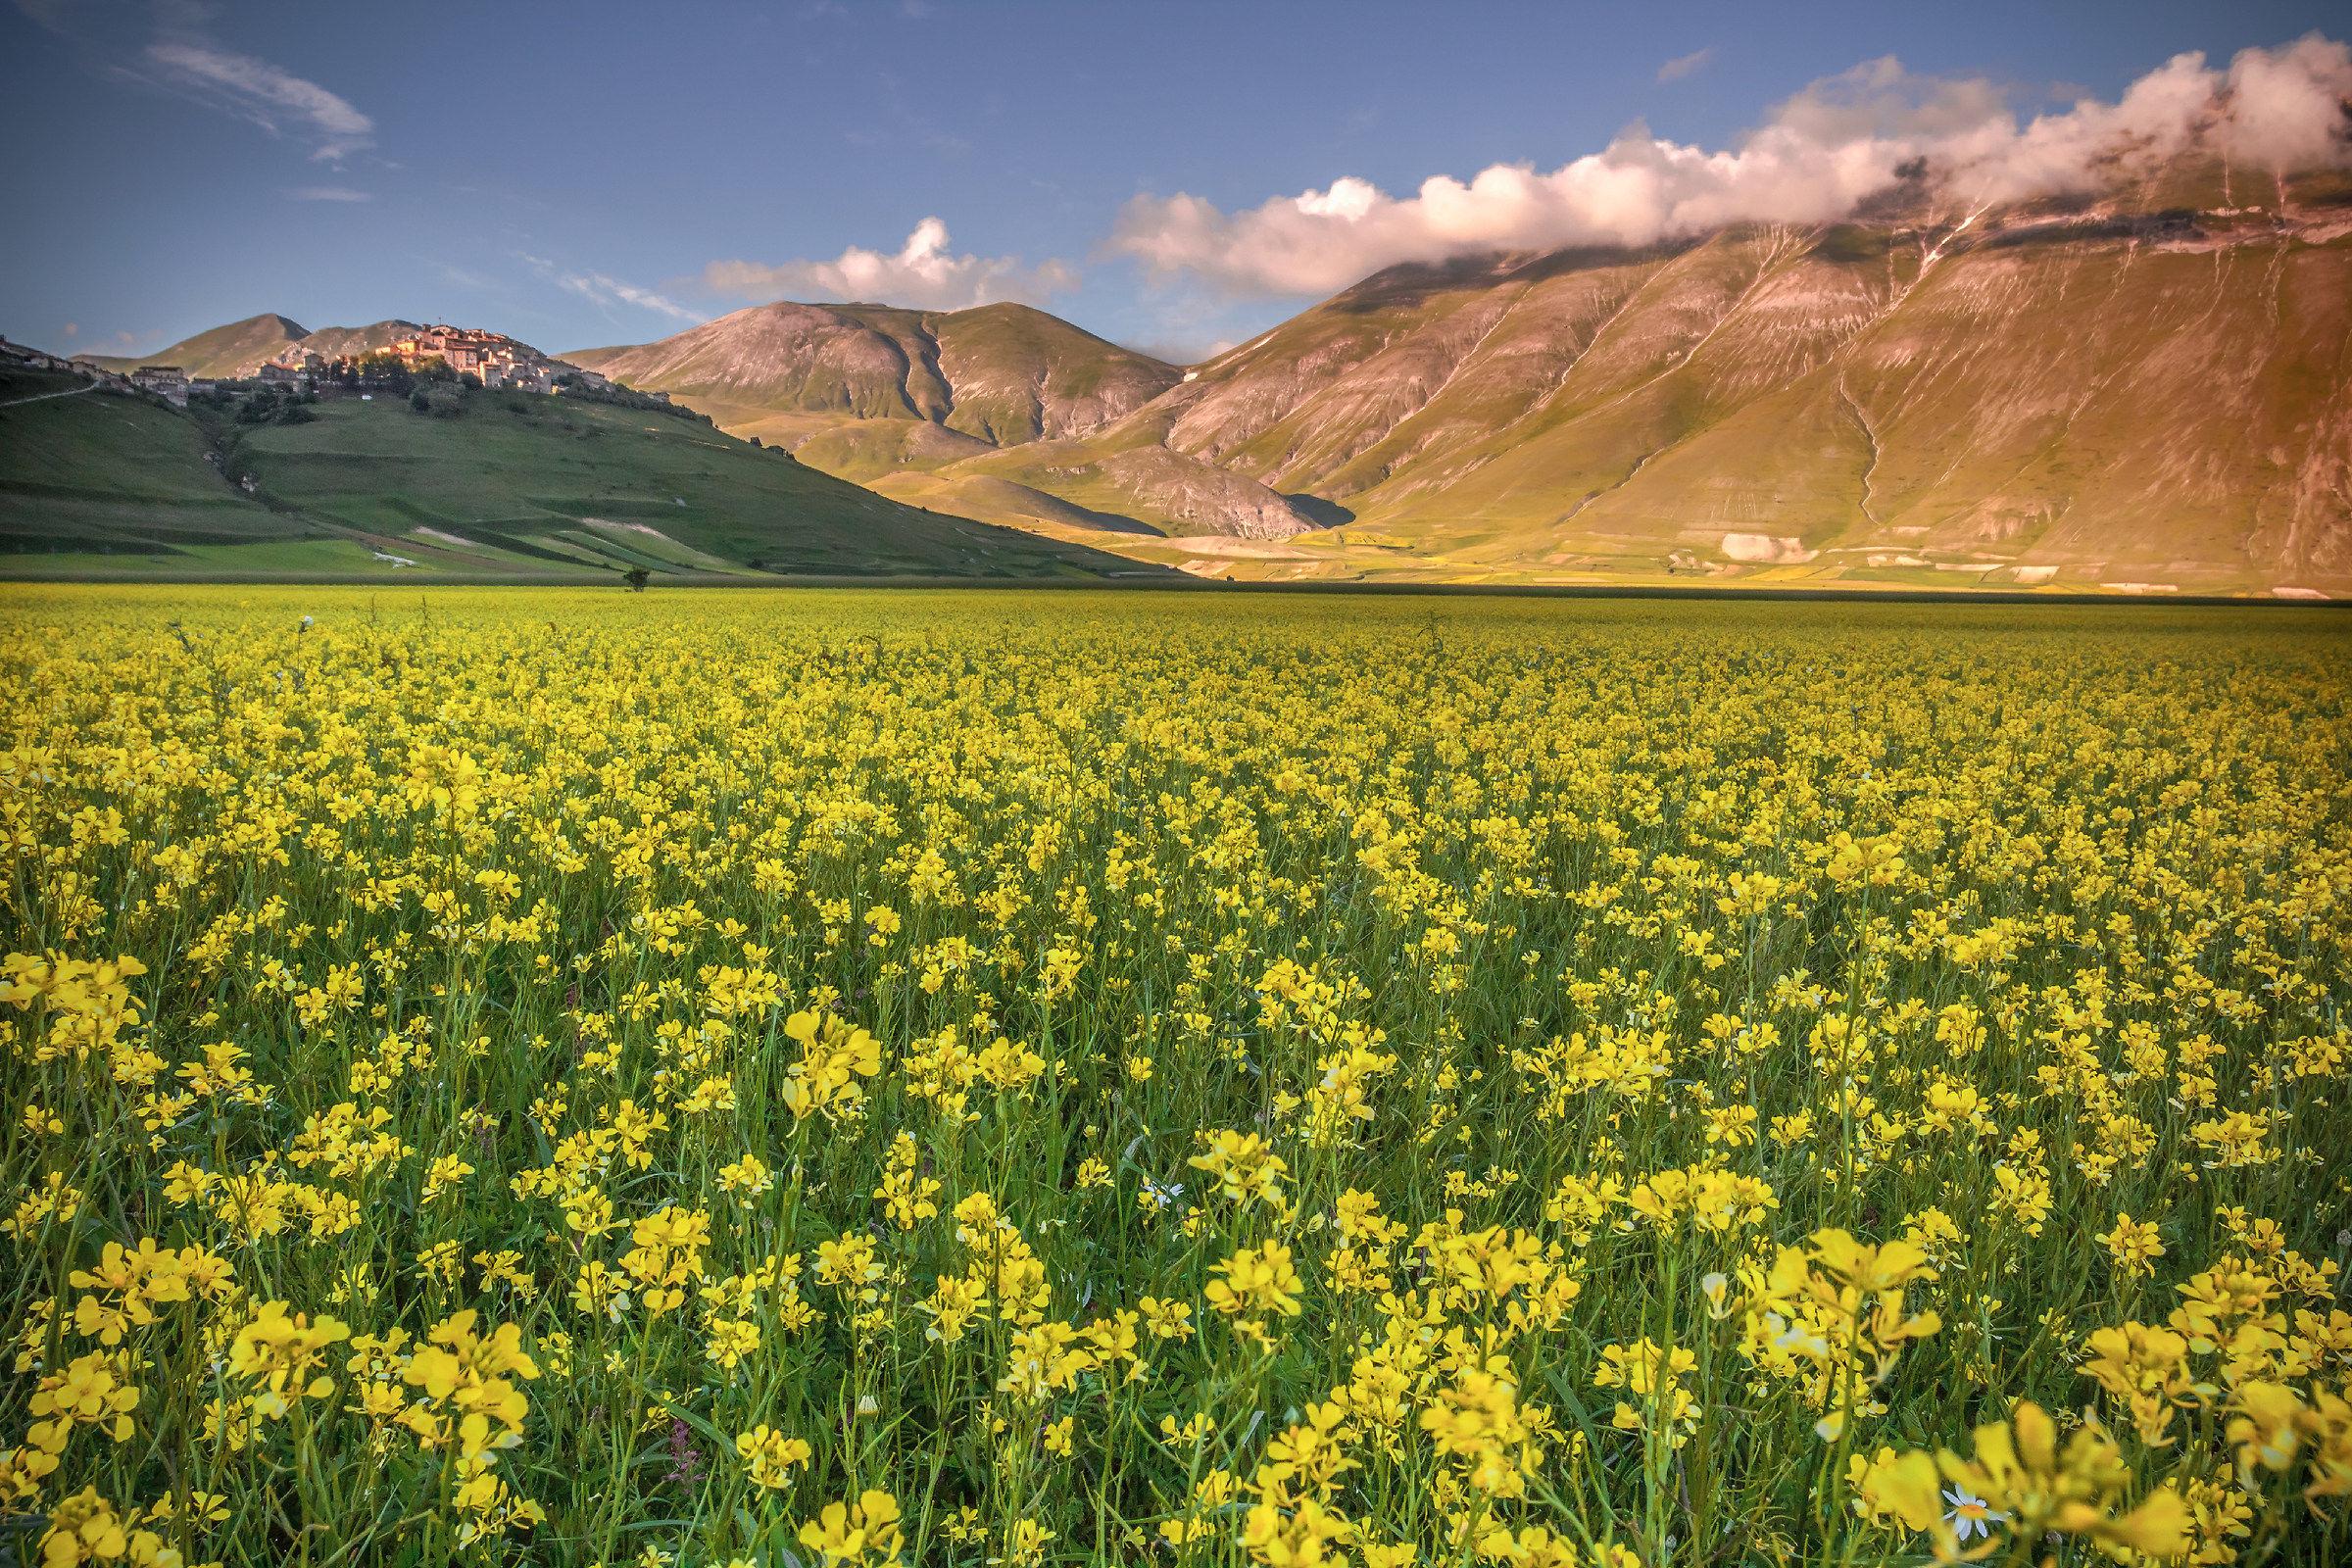 Di giallo fiorito......